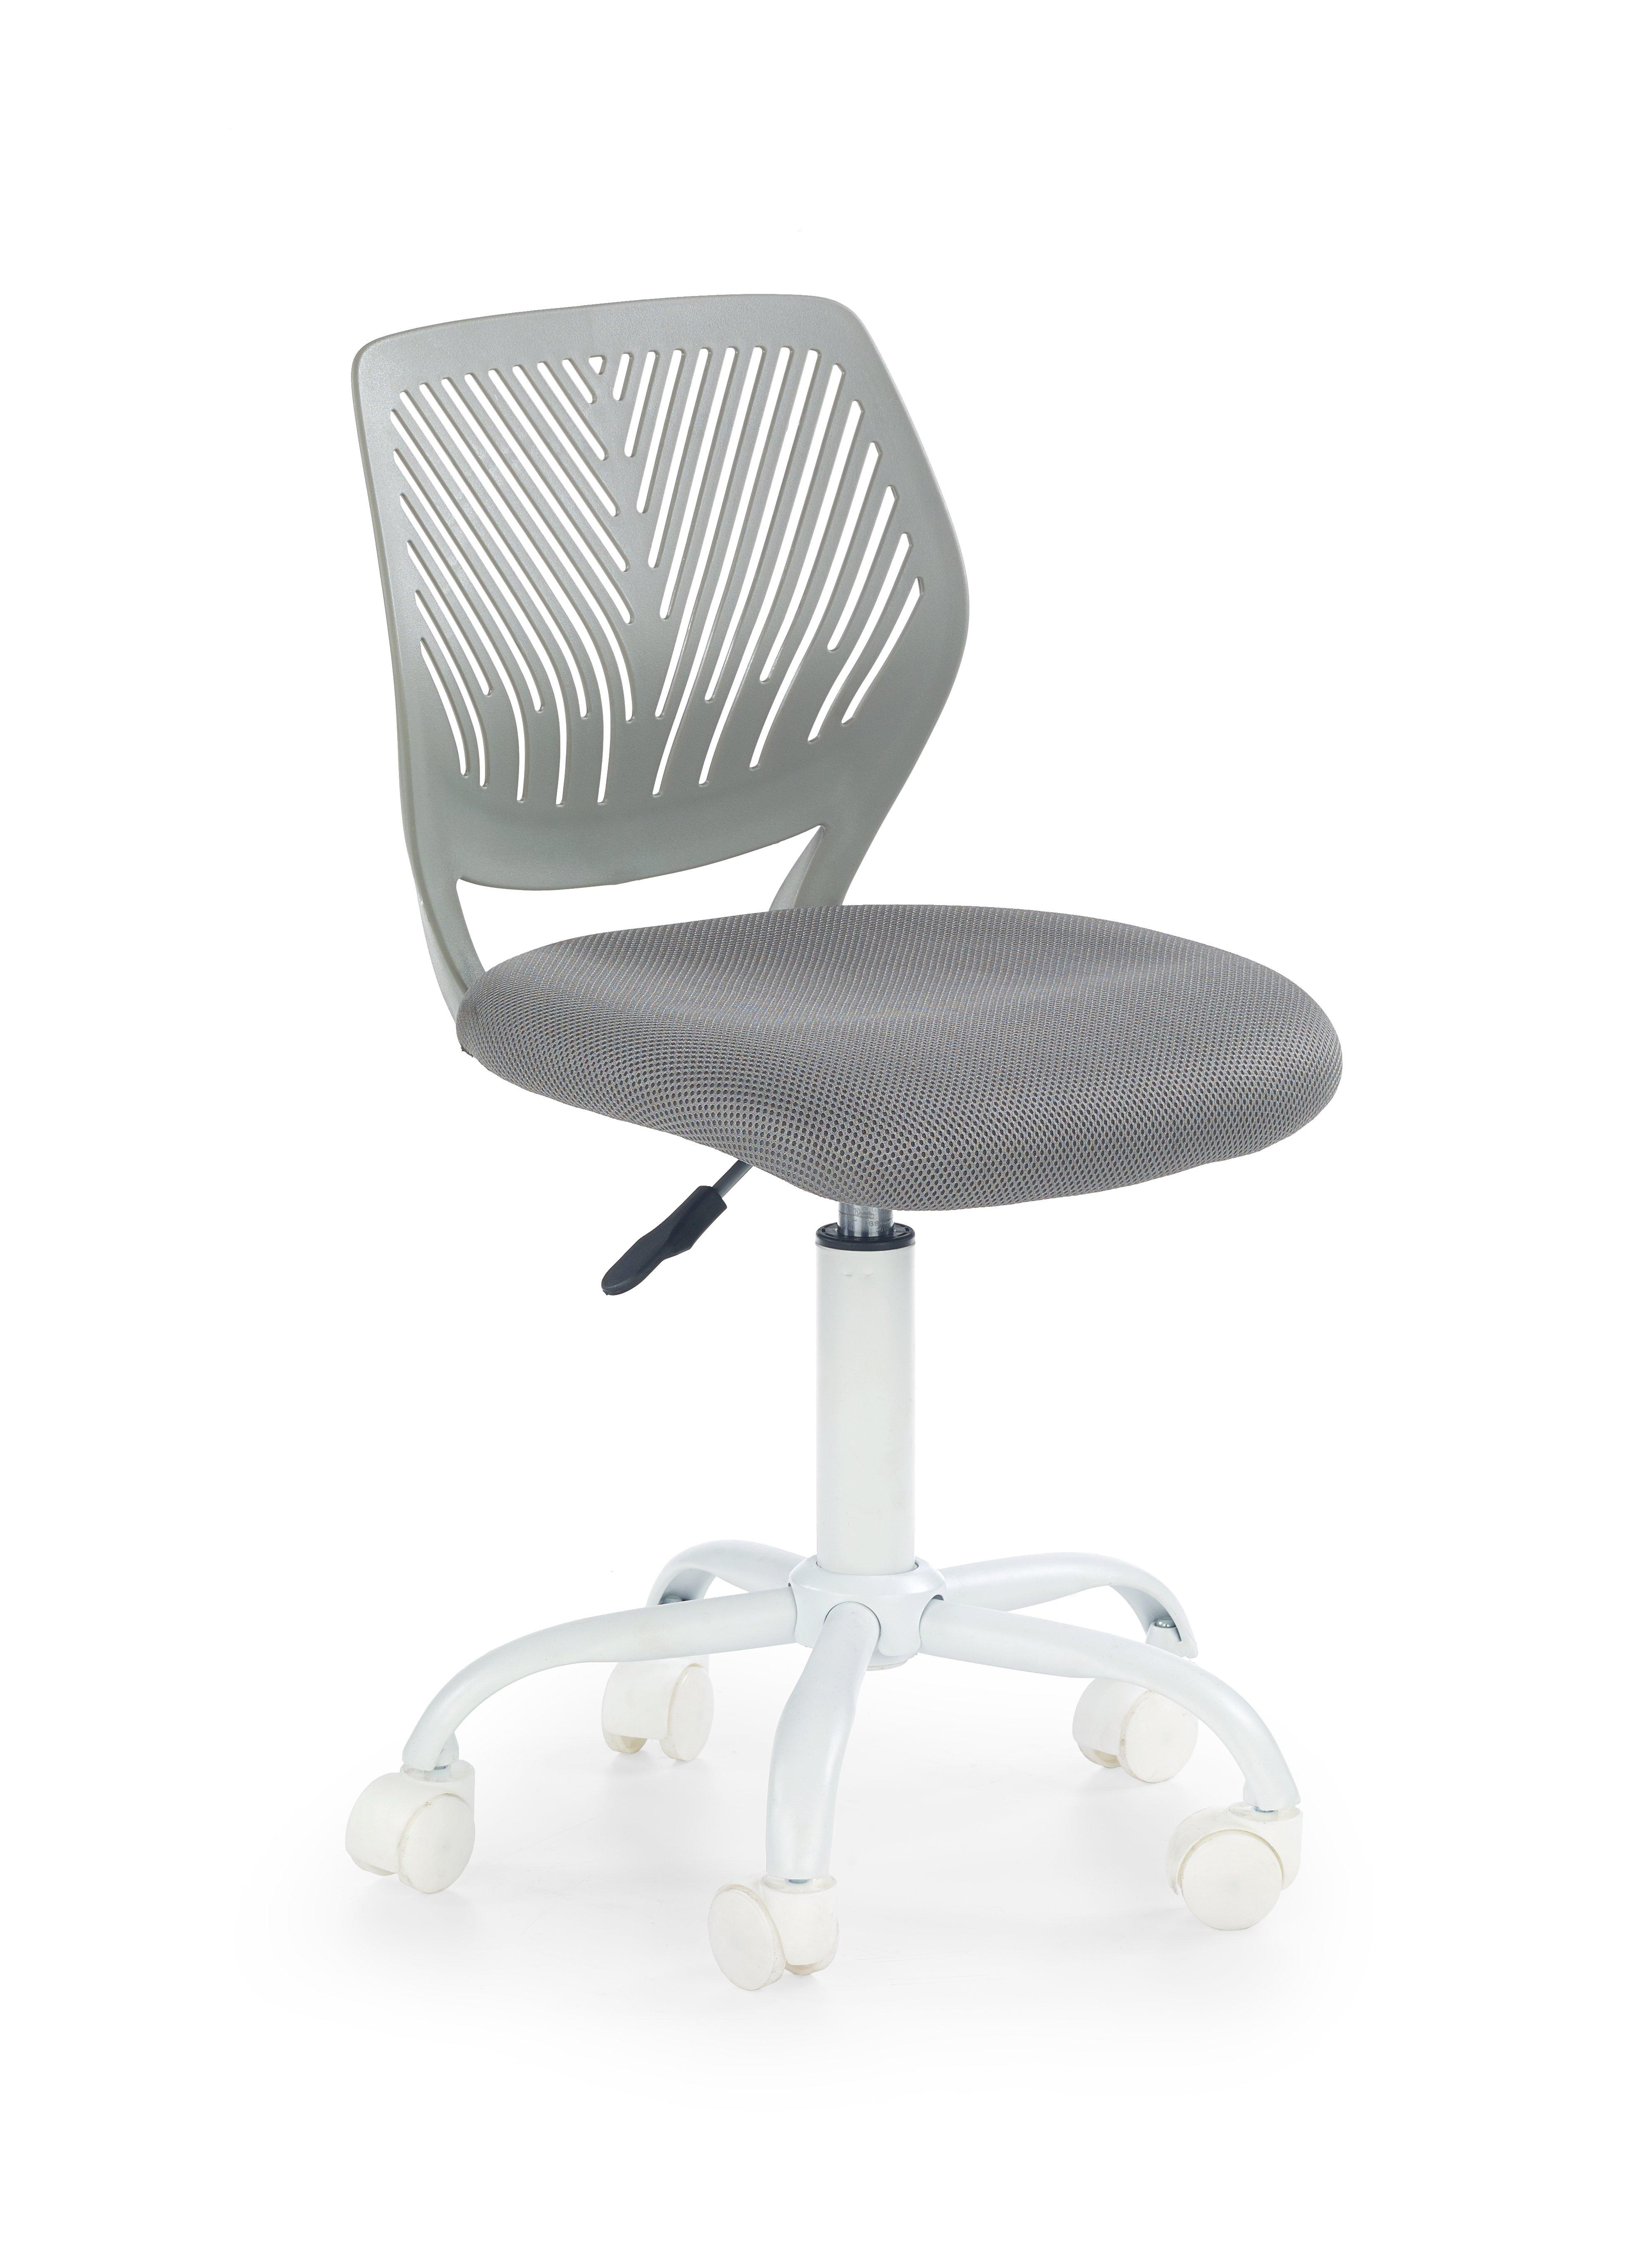 BALI 2 detská stolička šedá